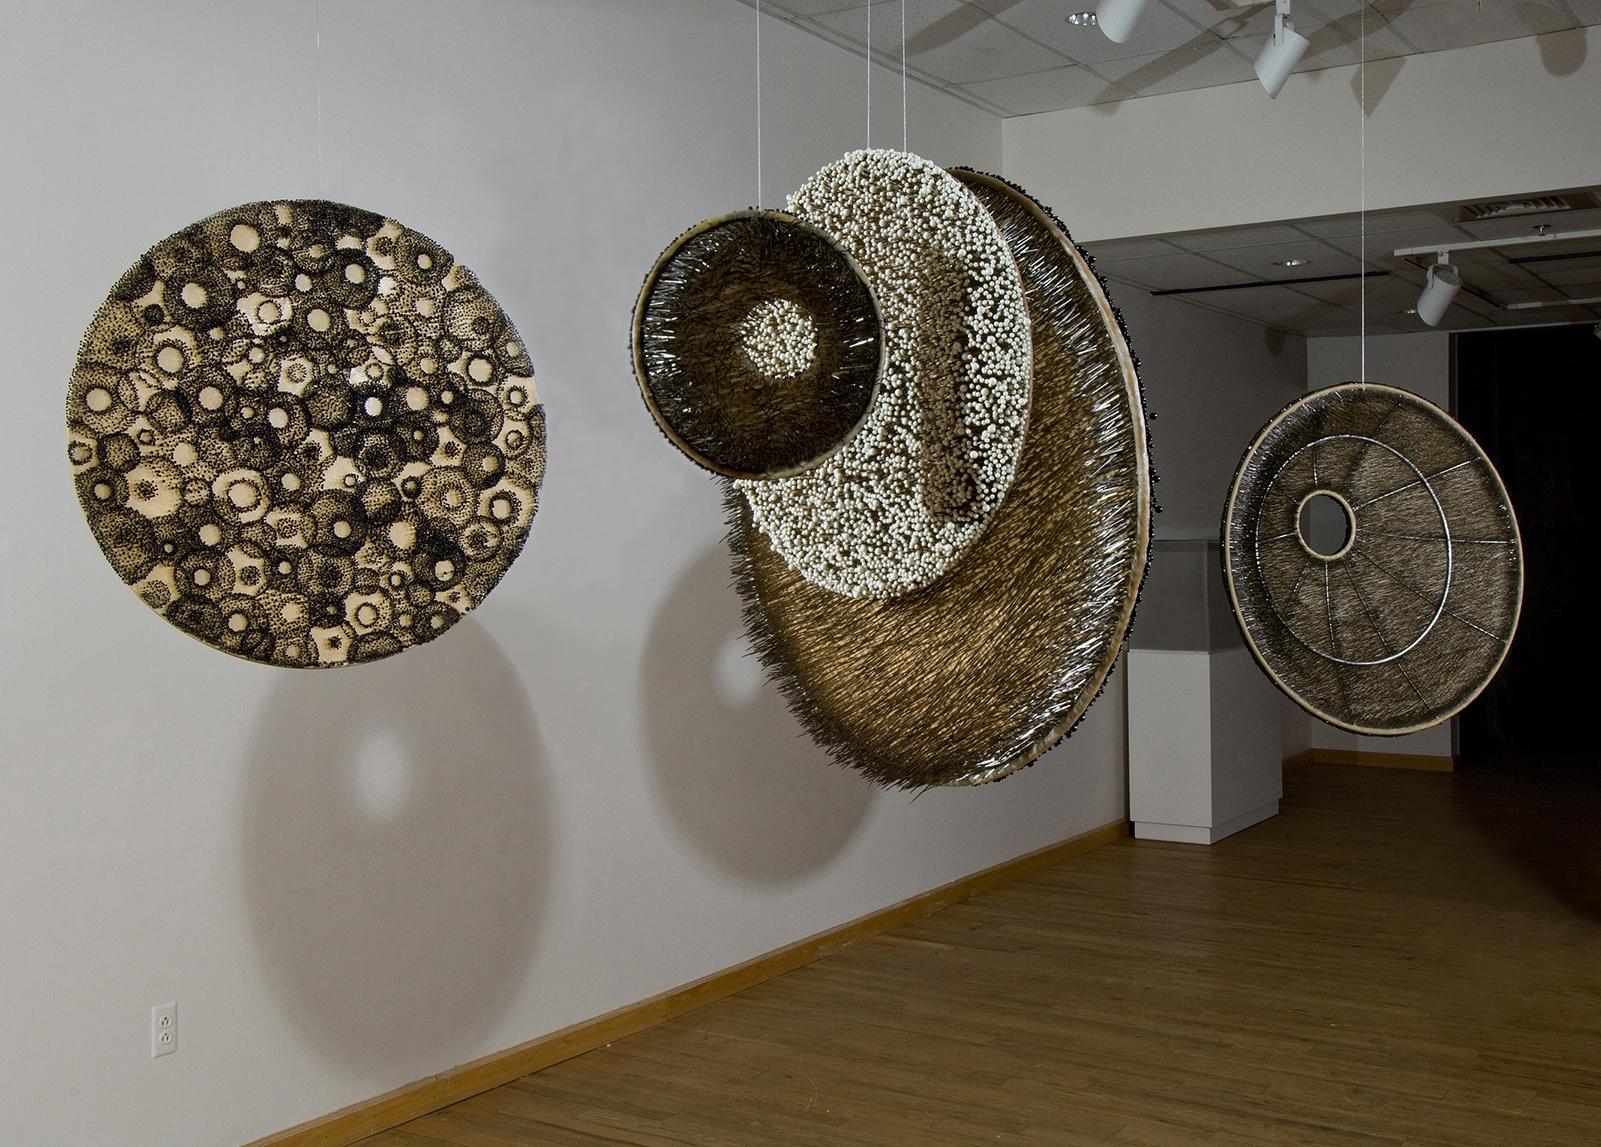 Elements (installation view), 2006/2012